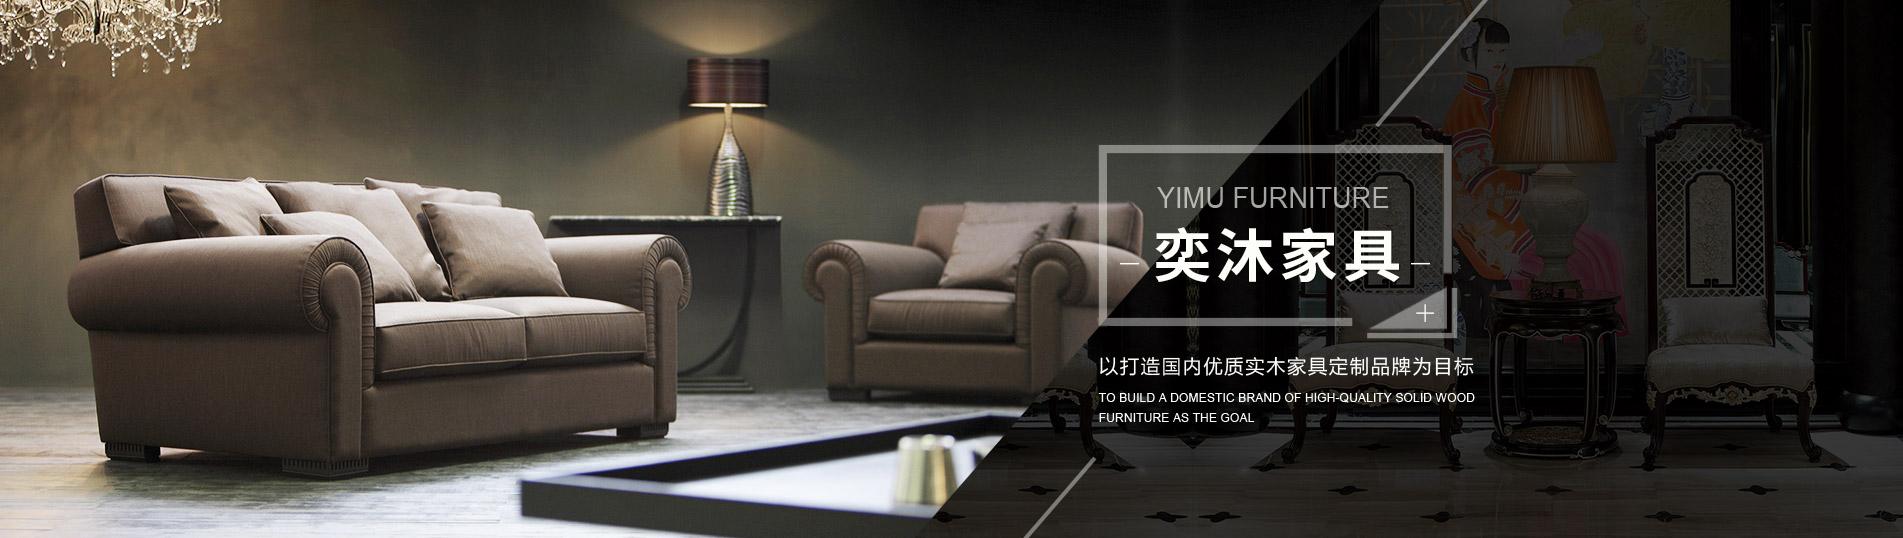 上海蓁篁家具设计有限公司